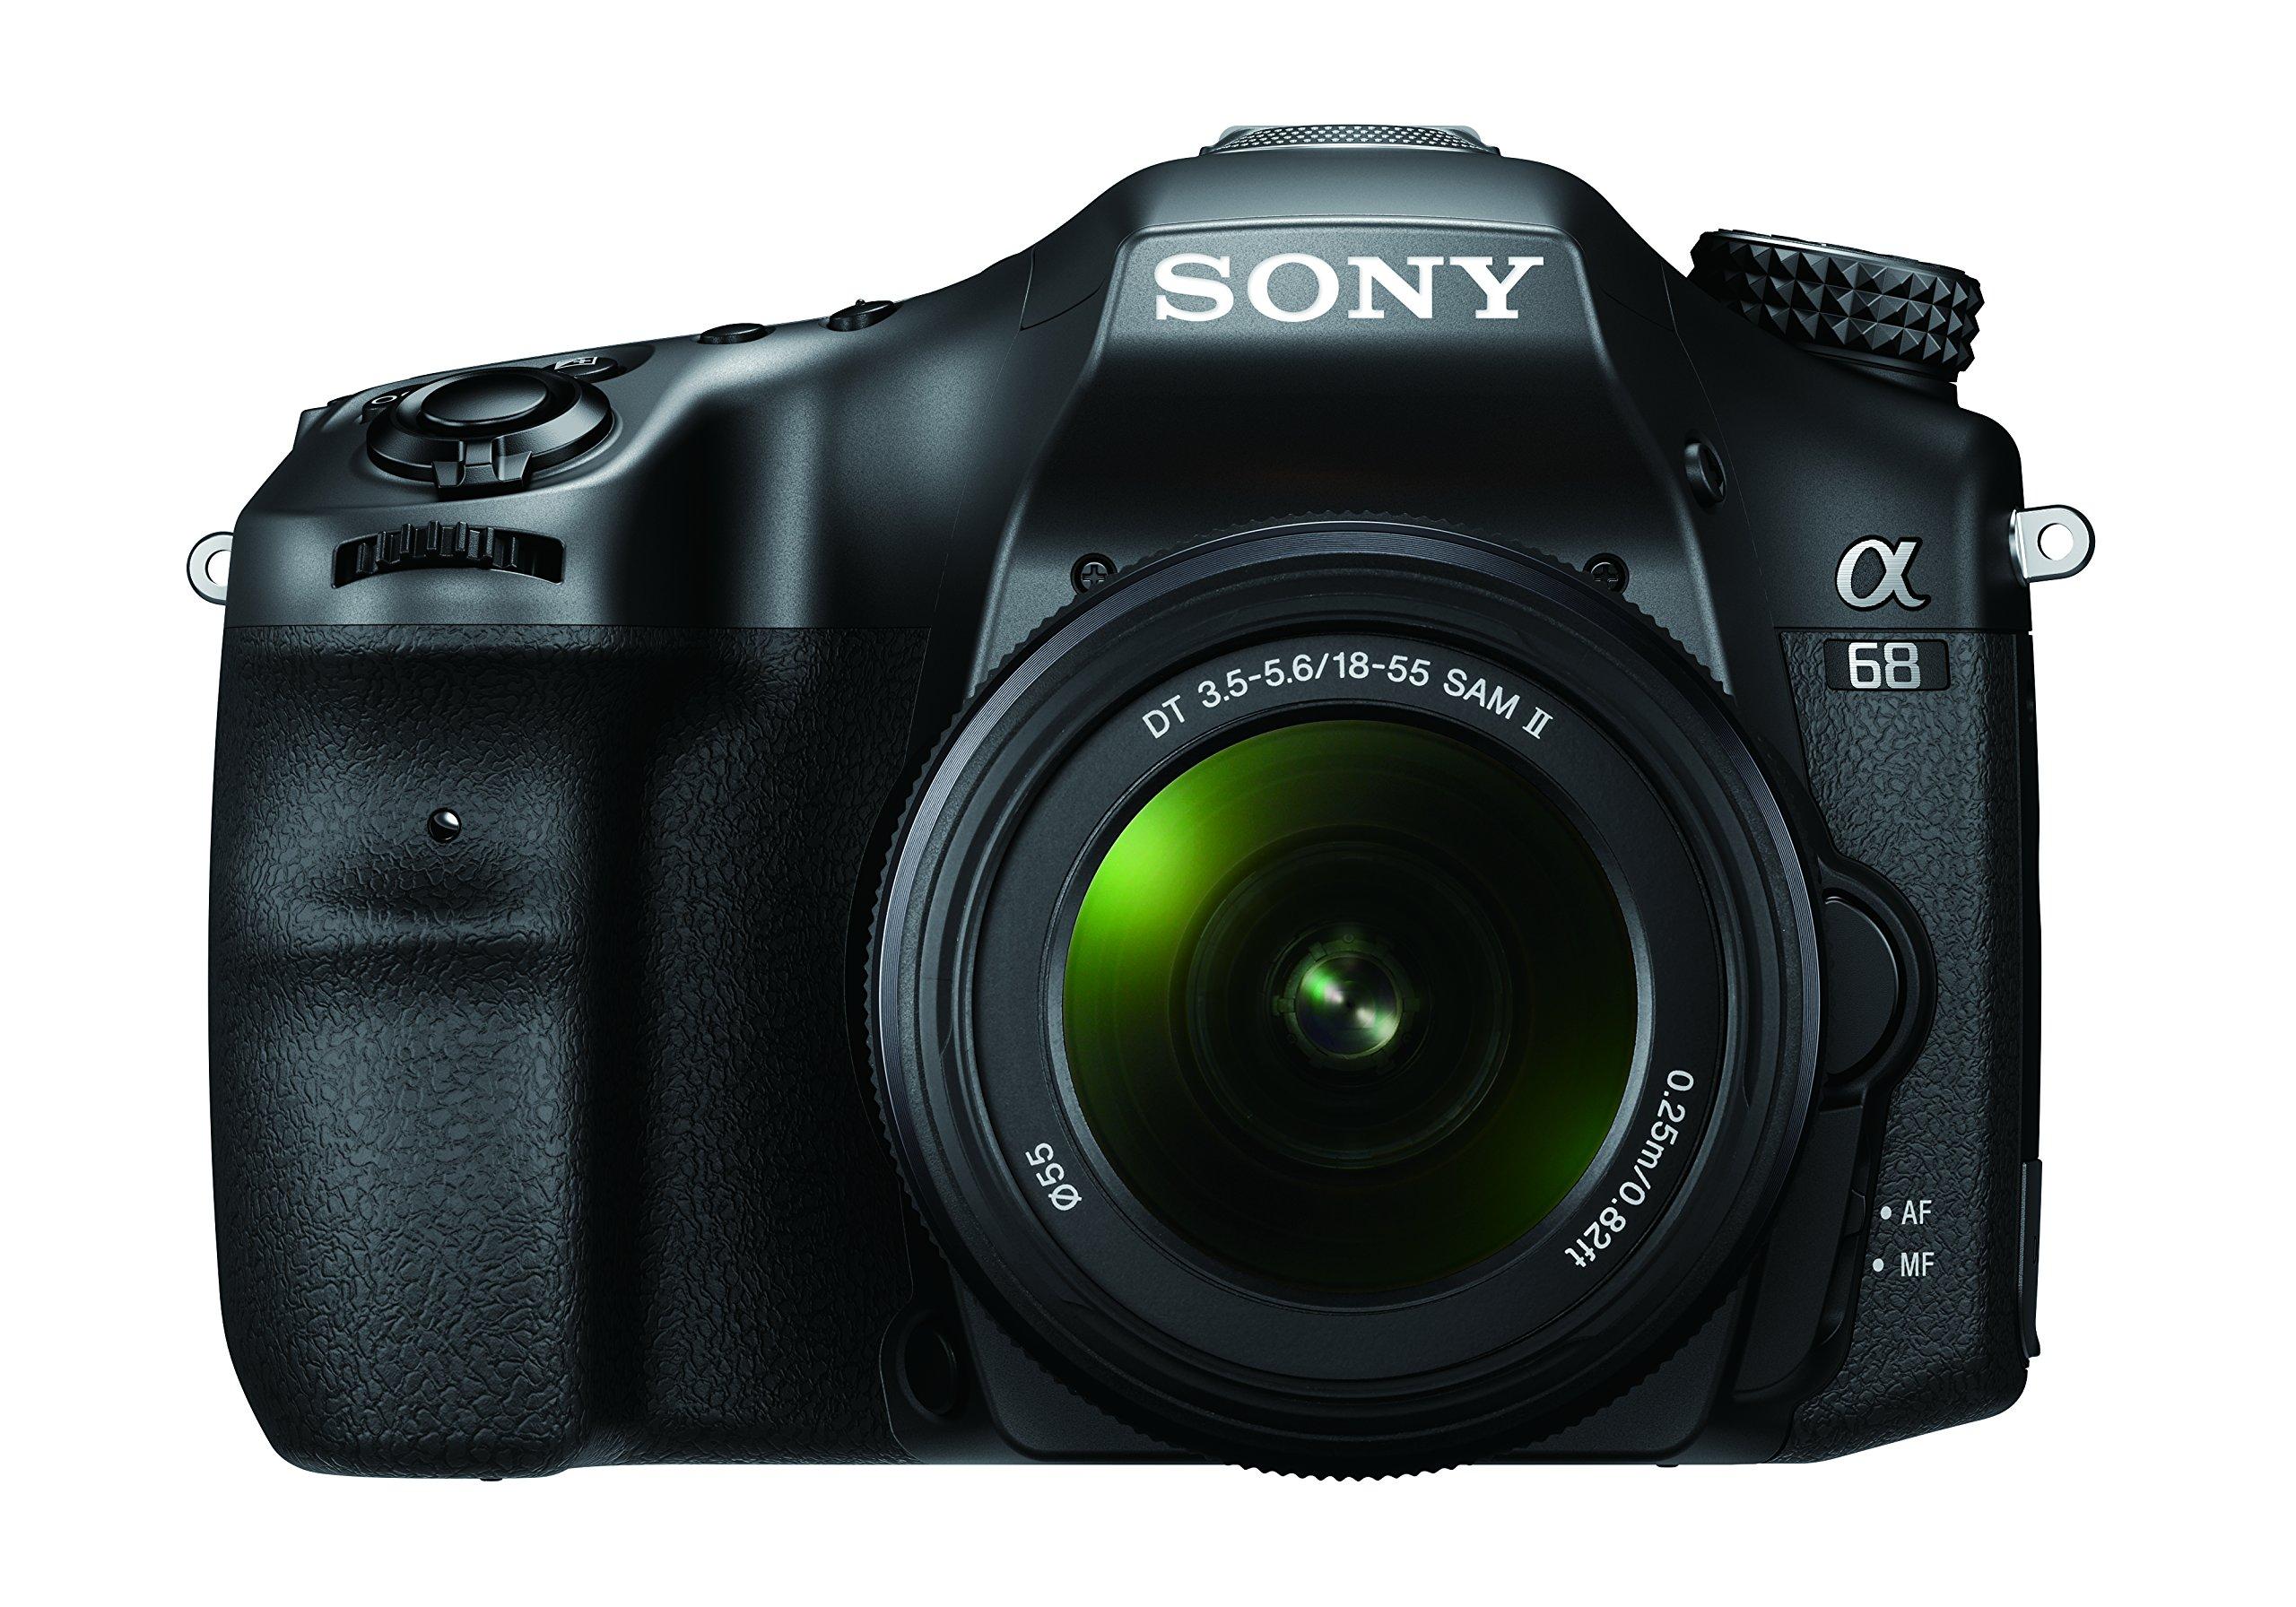 Sony Alpha 68K Kit Fotocamera Digitale Reflex con Obiettivo SEL 18-55 mm, Sensore APS-C CMOS Exmor, 24.2 MP, Nero product image